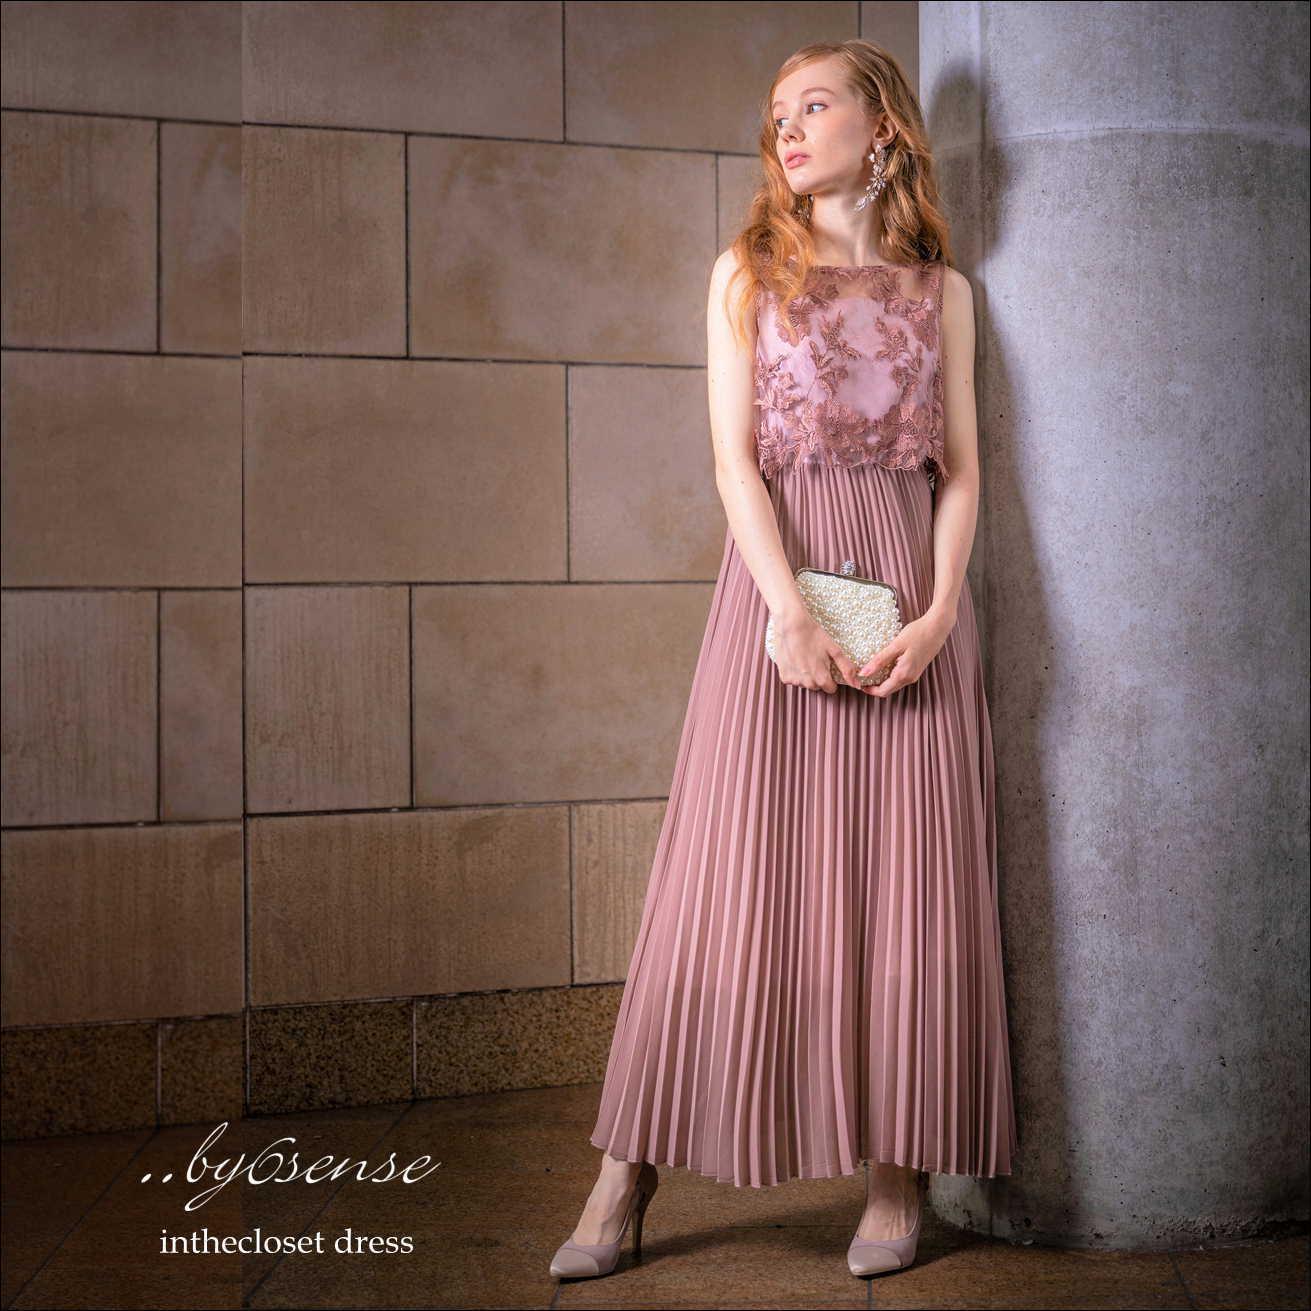 ご利用ガイド ご購入前にご一読お願い致します。お呼ばれドレス・パーティドレス・ゲストドレス・フォーマルドレス 専門店